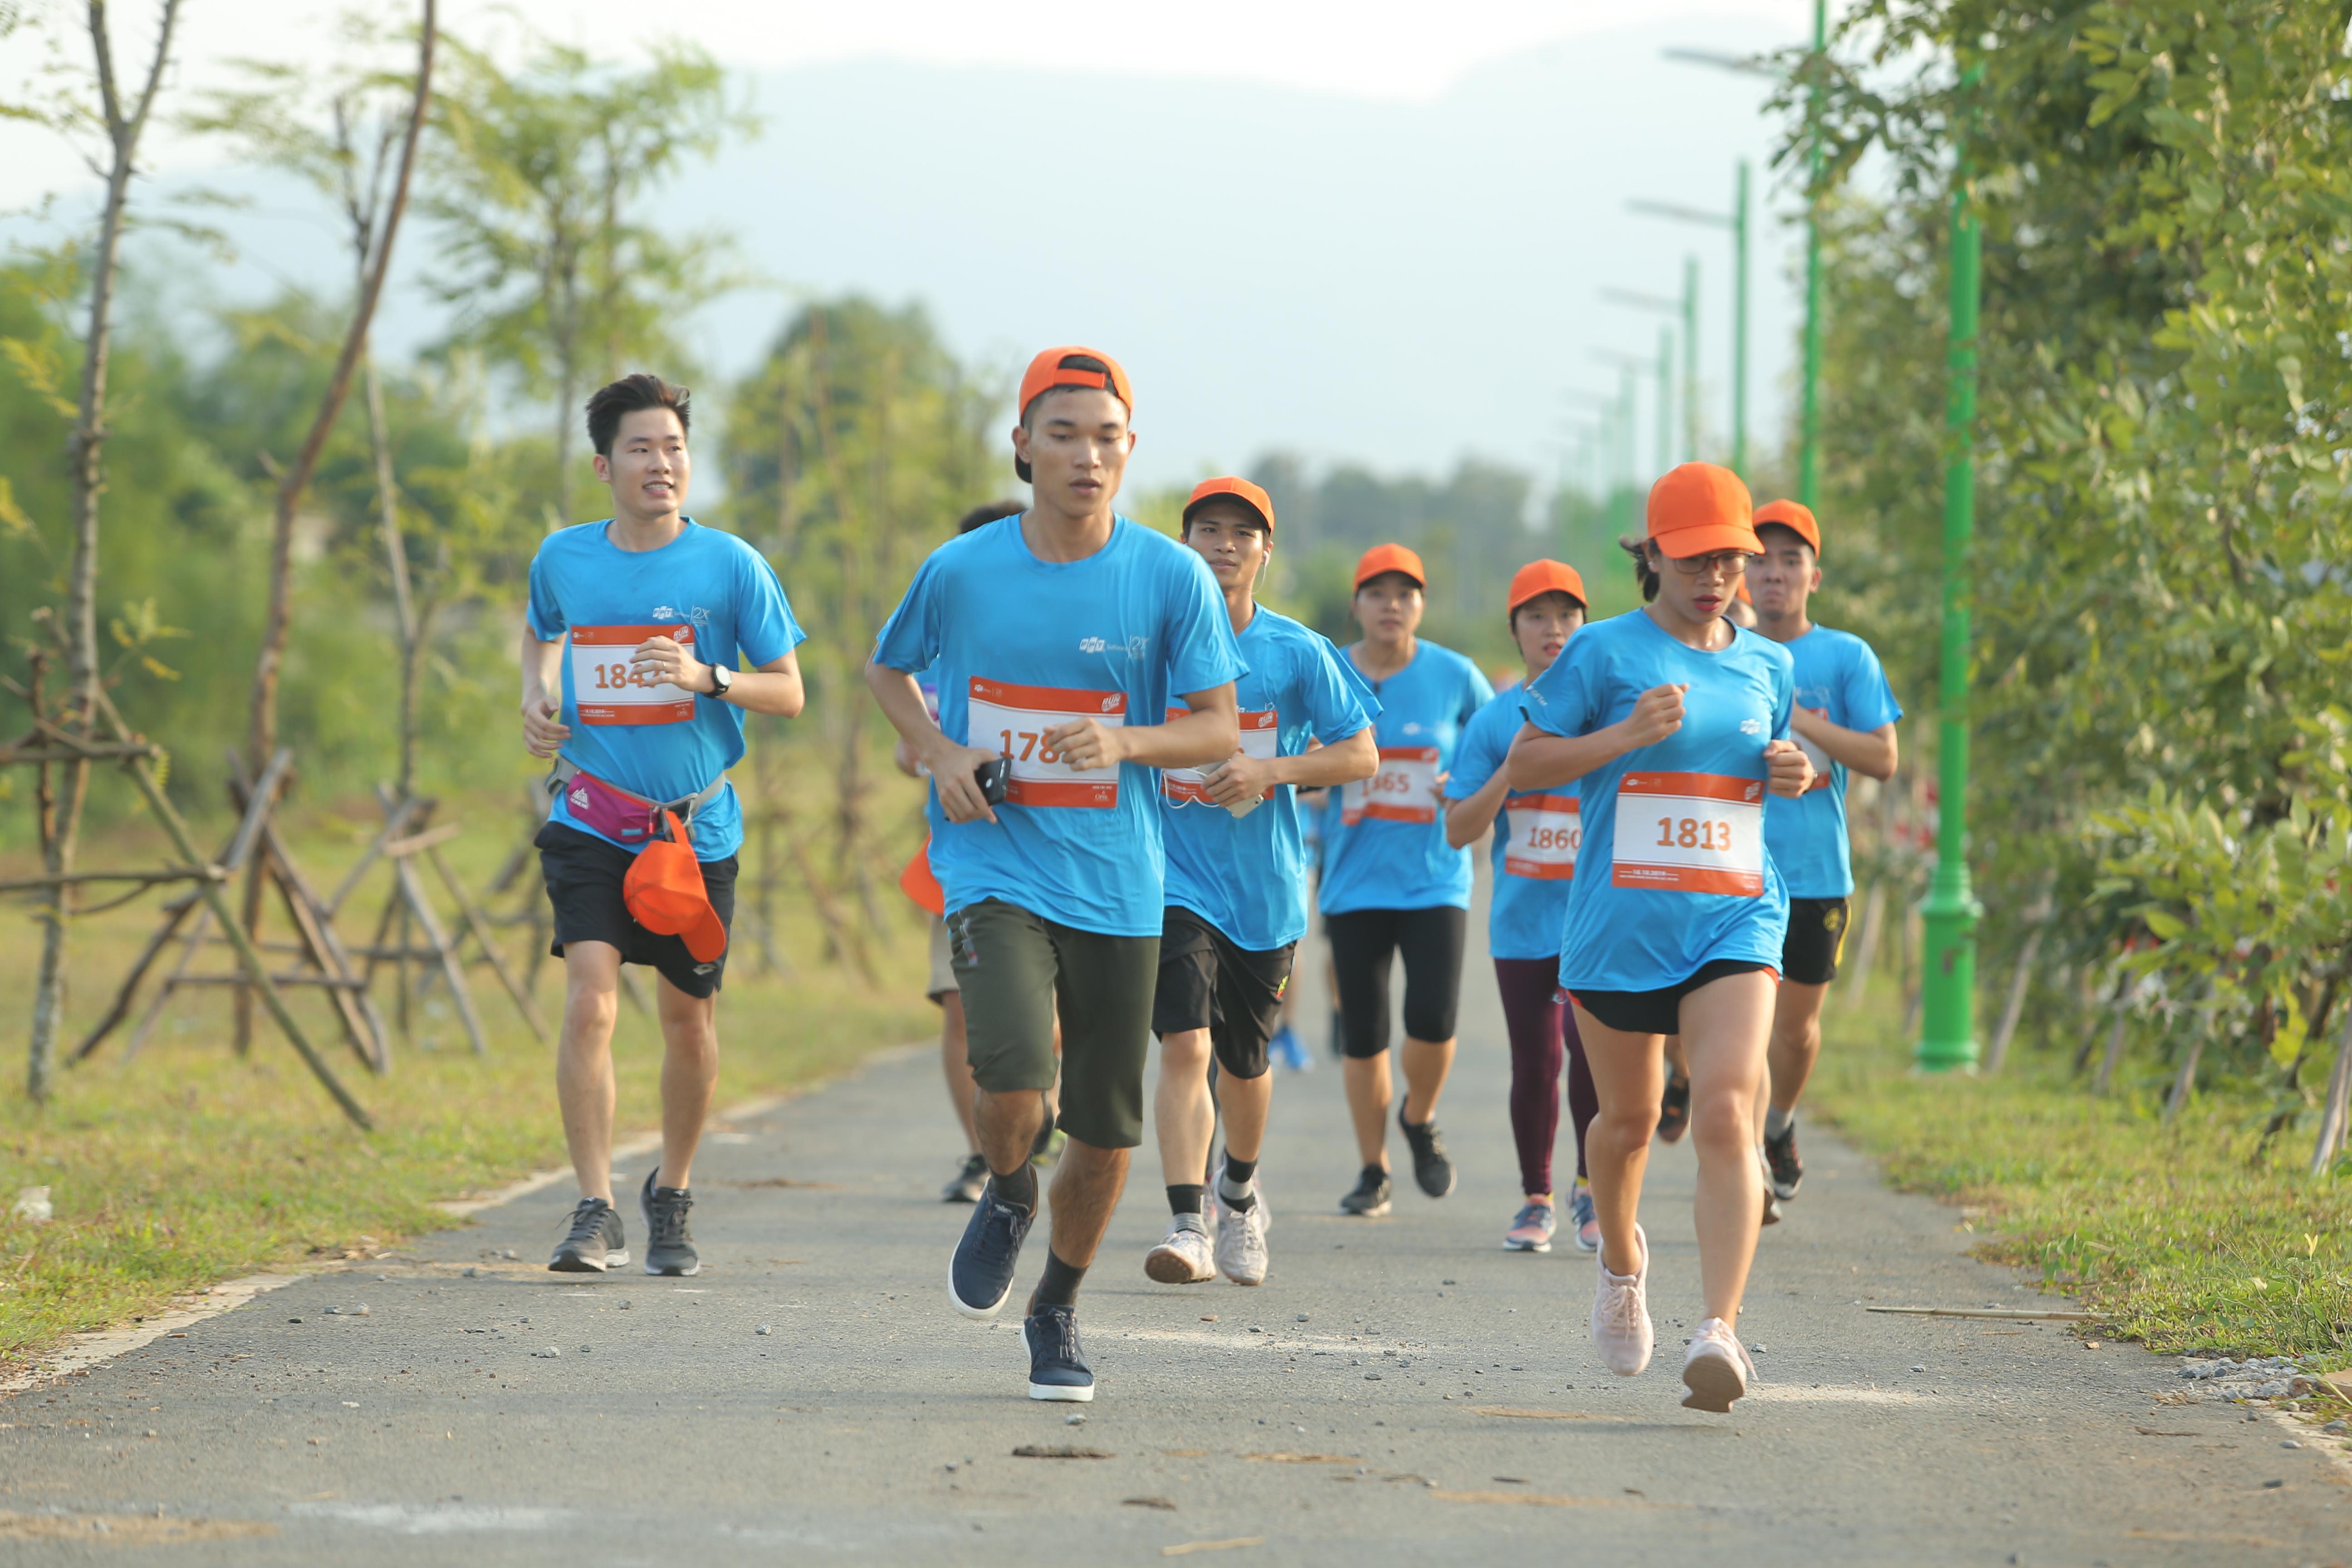 Thông qua hoạt động chạy tại Marathon Run For Green mở rộng lần này, người FPT có thể kết nối đến cộng đồng CNTT, đặc biệt tạo sân chơi giao lưu và gắn kết giữa các đơn vị. Đồng thời có thể rèn luyện sức khỏe và nâng cao tinh thần thể thao, tinh thần chạy vì một Hà Nội trong lành.